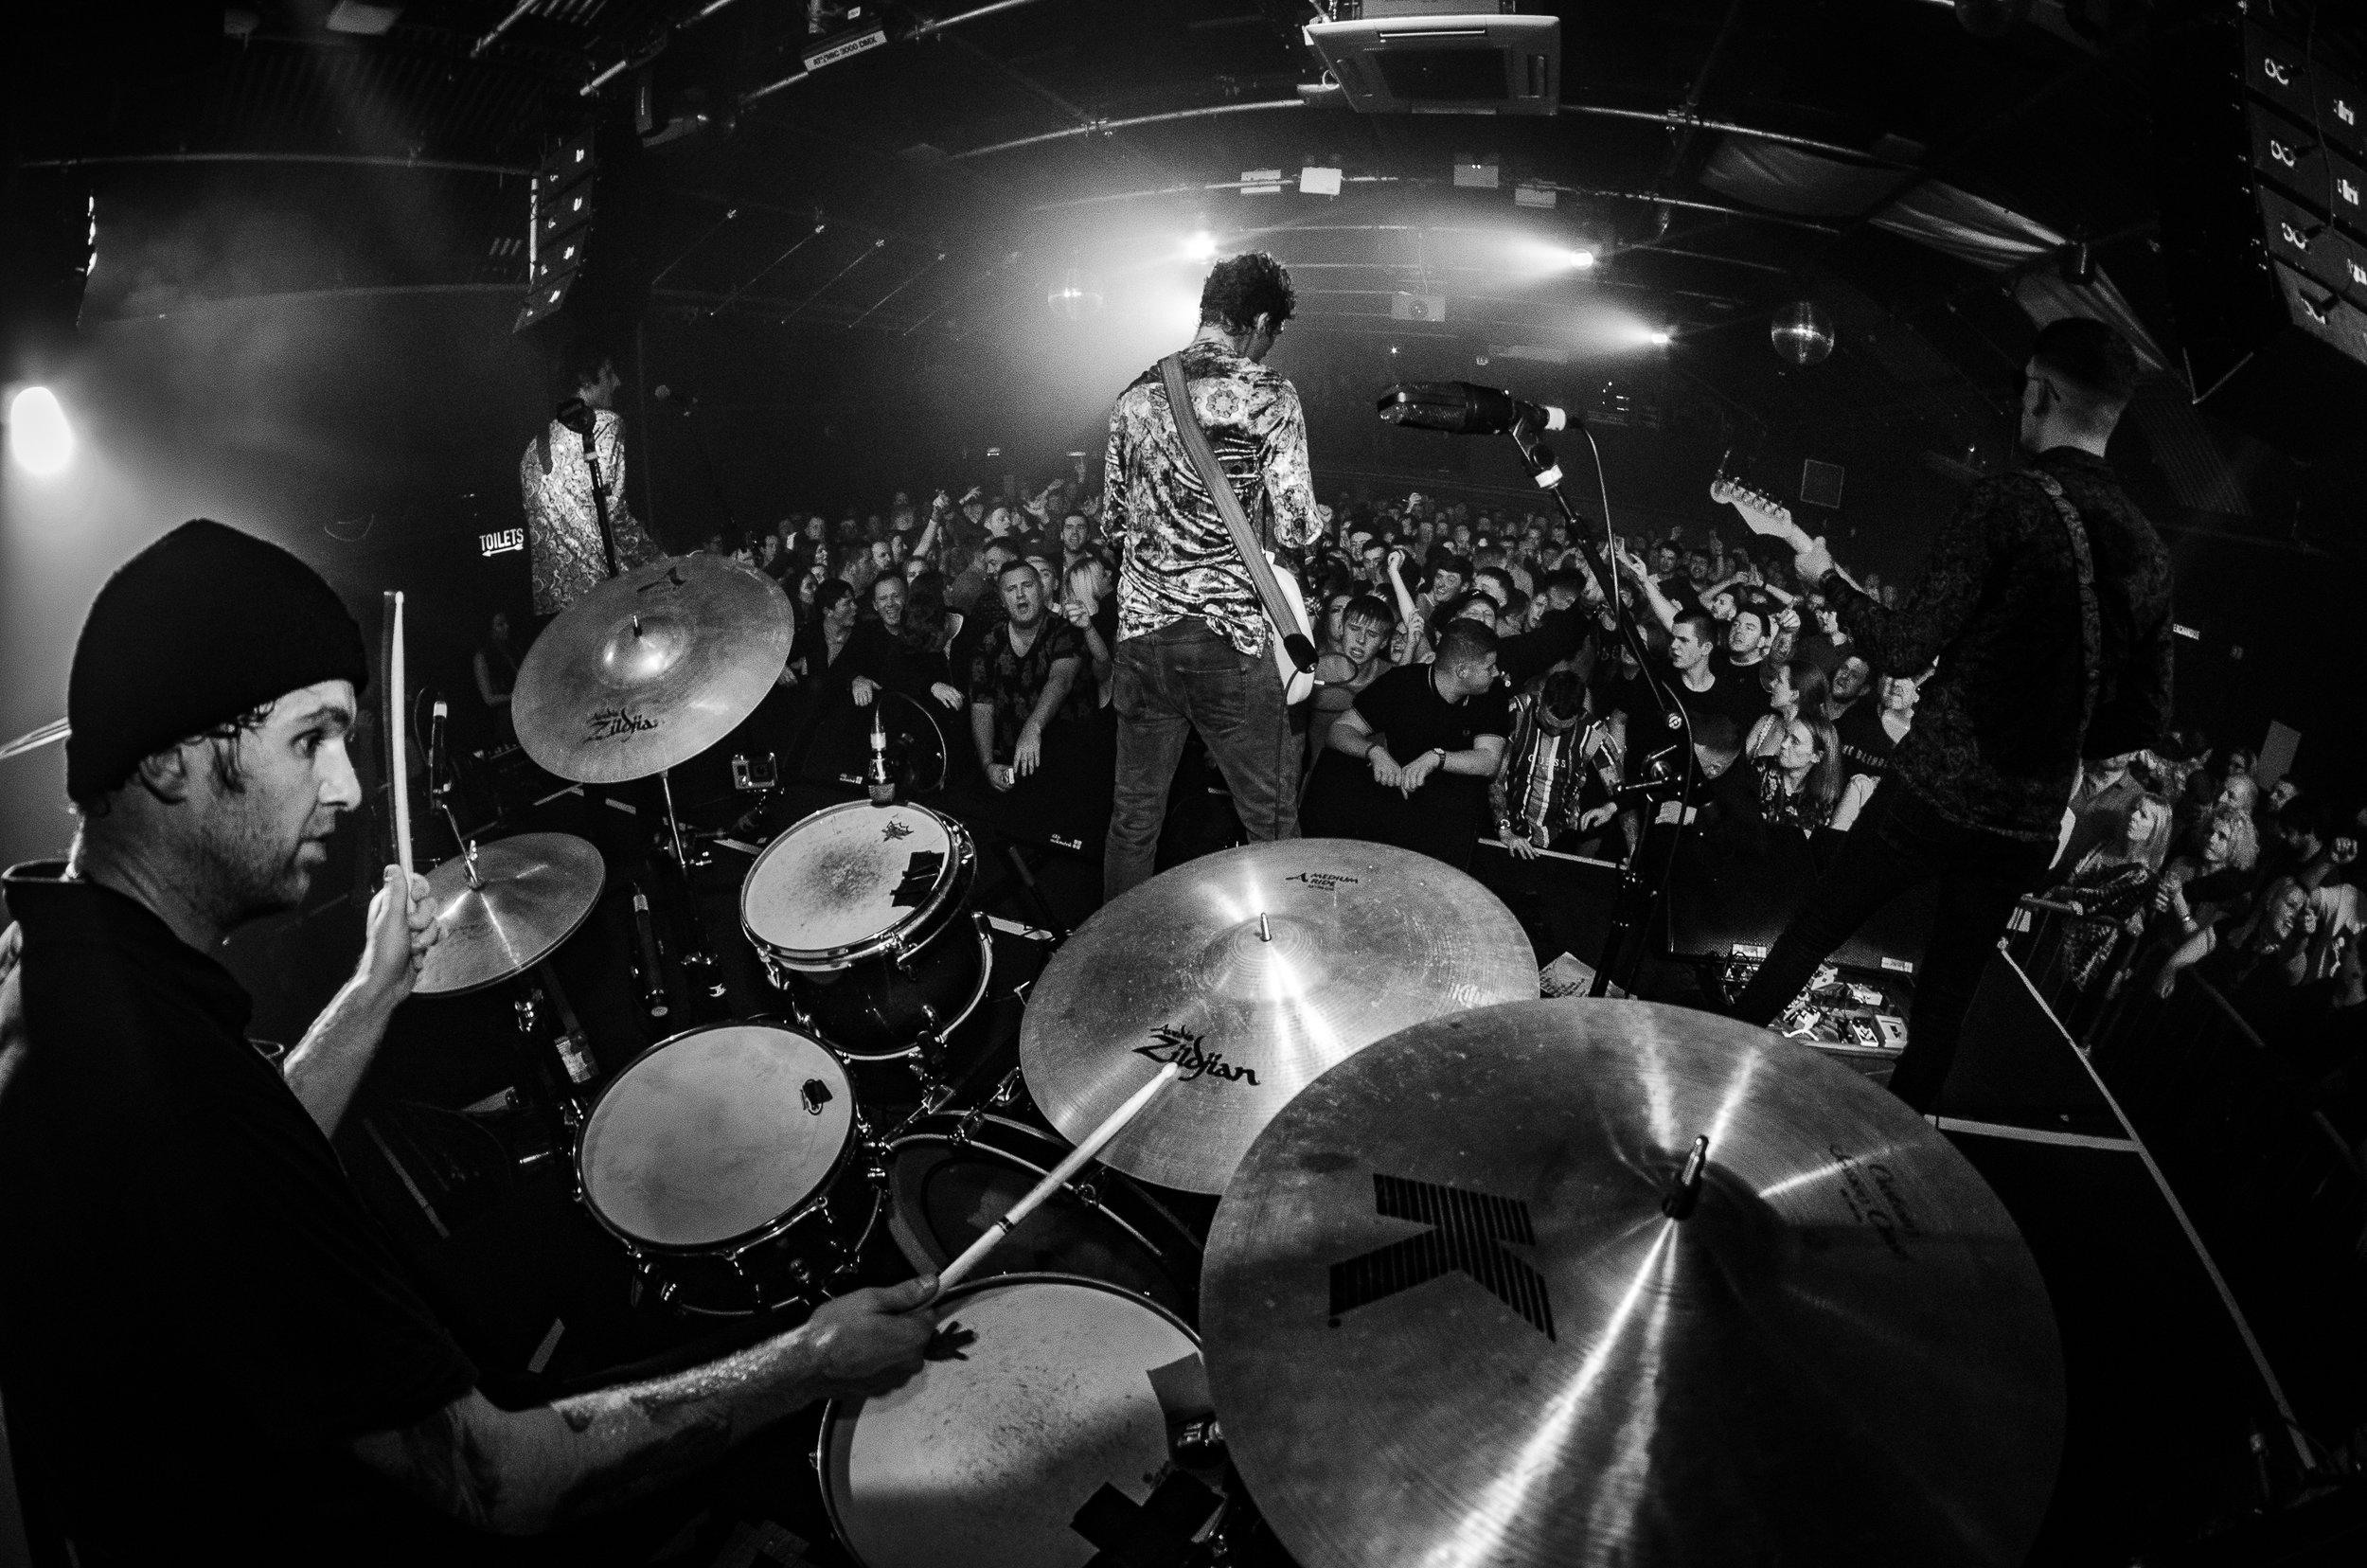 Twisted Wheel - Gorilla Manchester 20/10/18